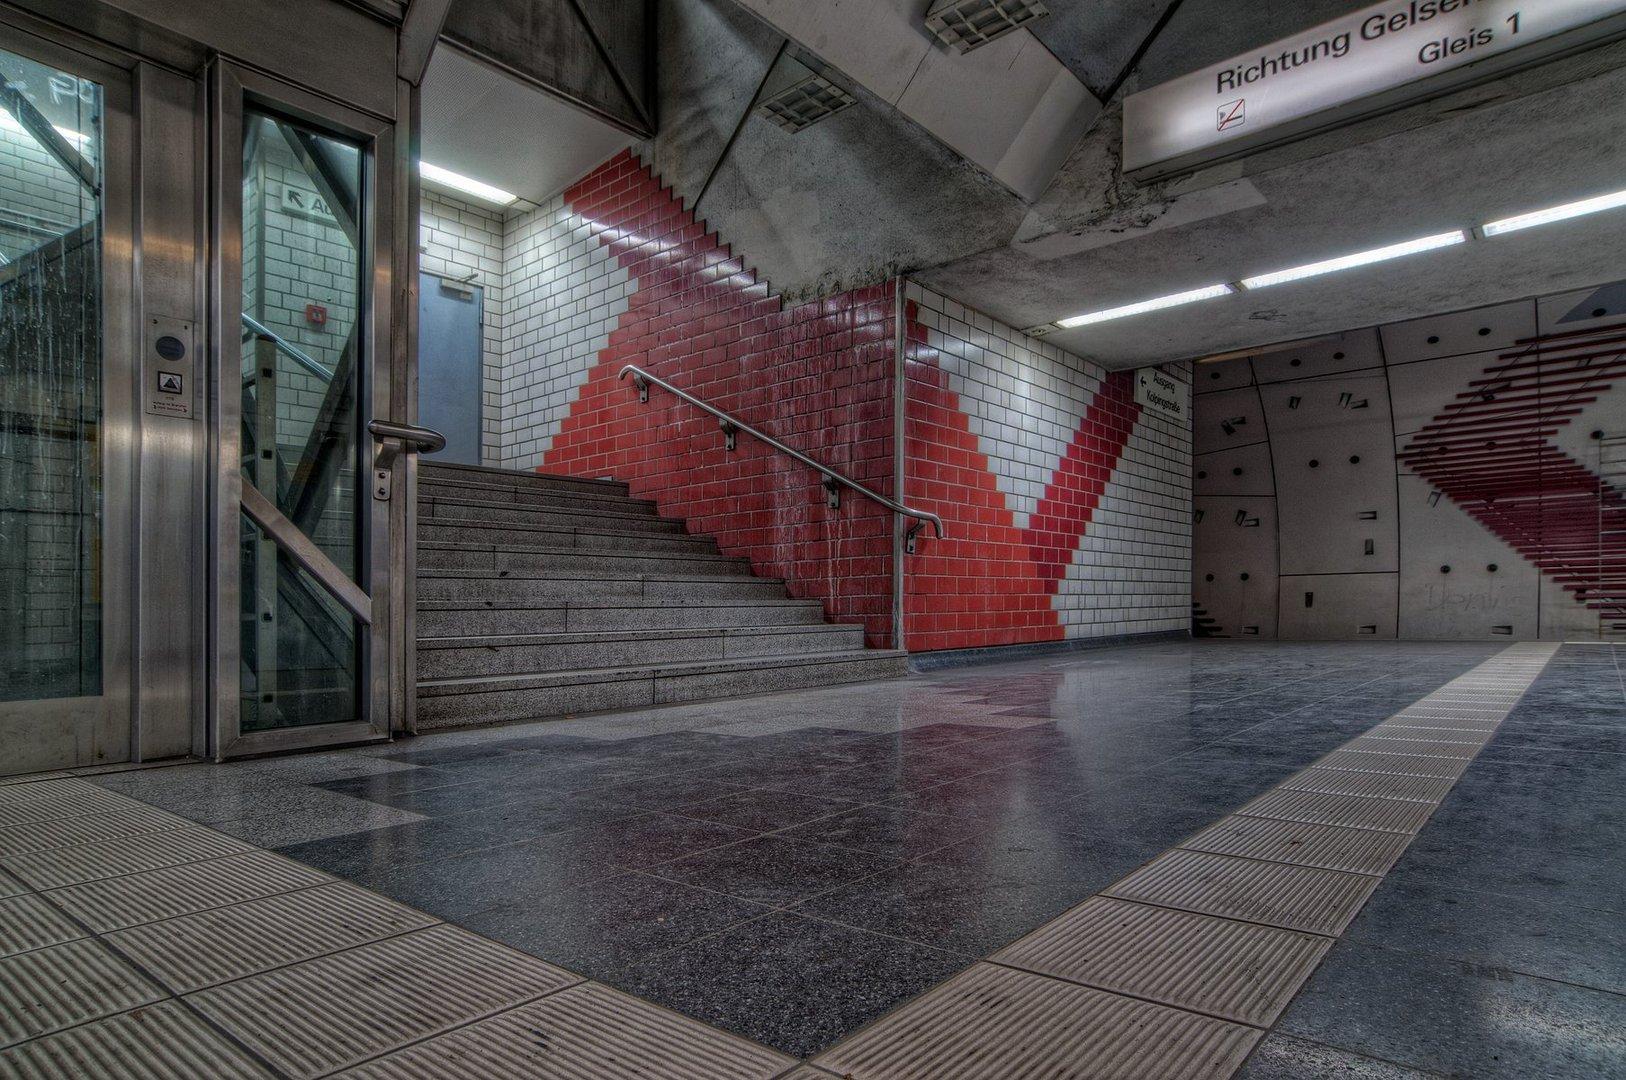 Essen Underground